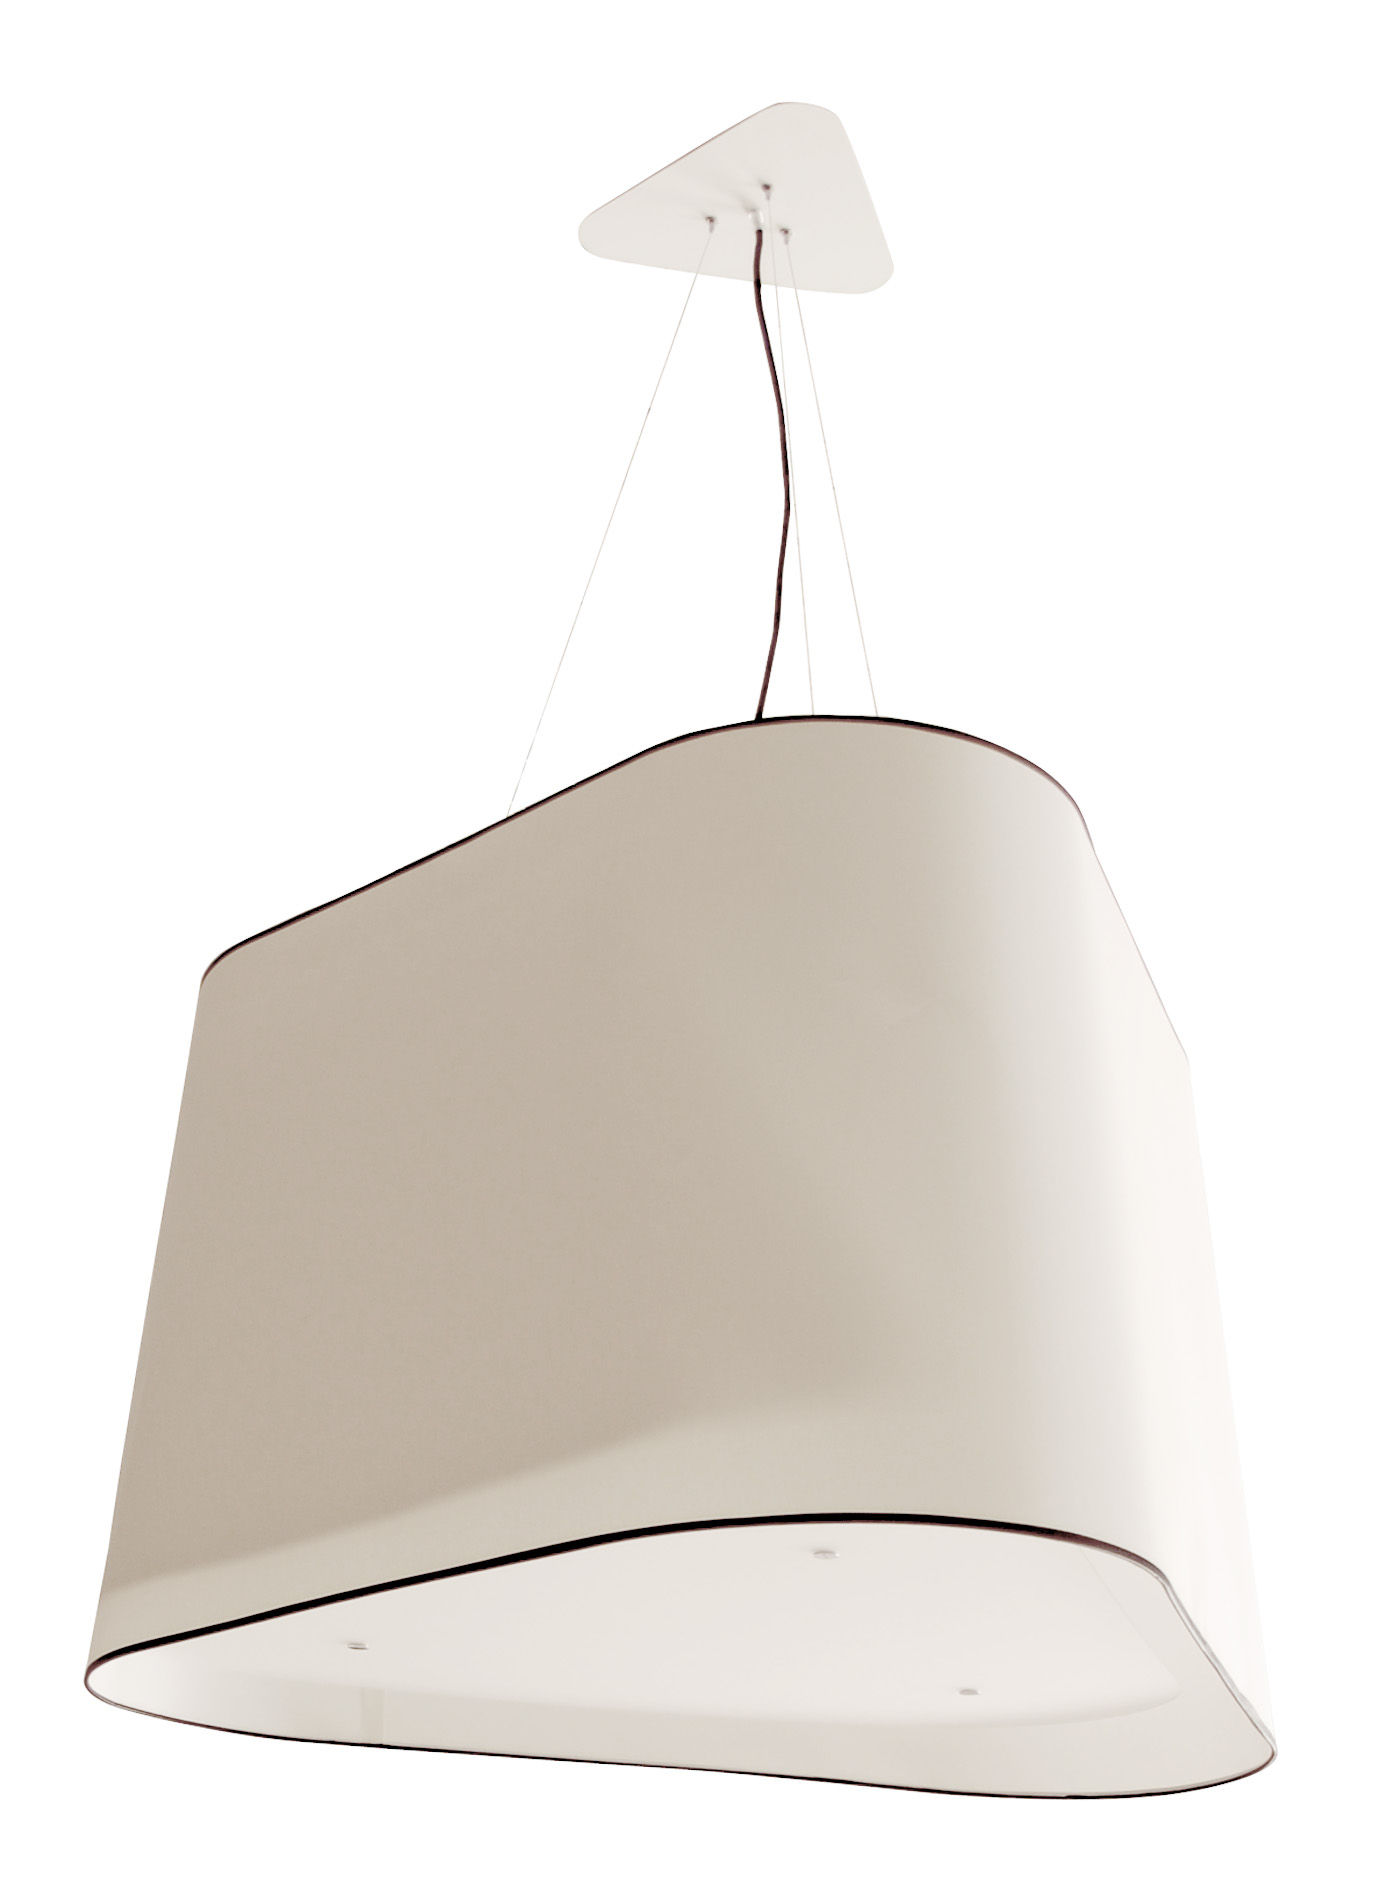 Illuminazione - Lampadari - Sospensione Grand Nuage XXL - XXL di Designheure - Bianco / Bordo nero - Cotone percalle